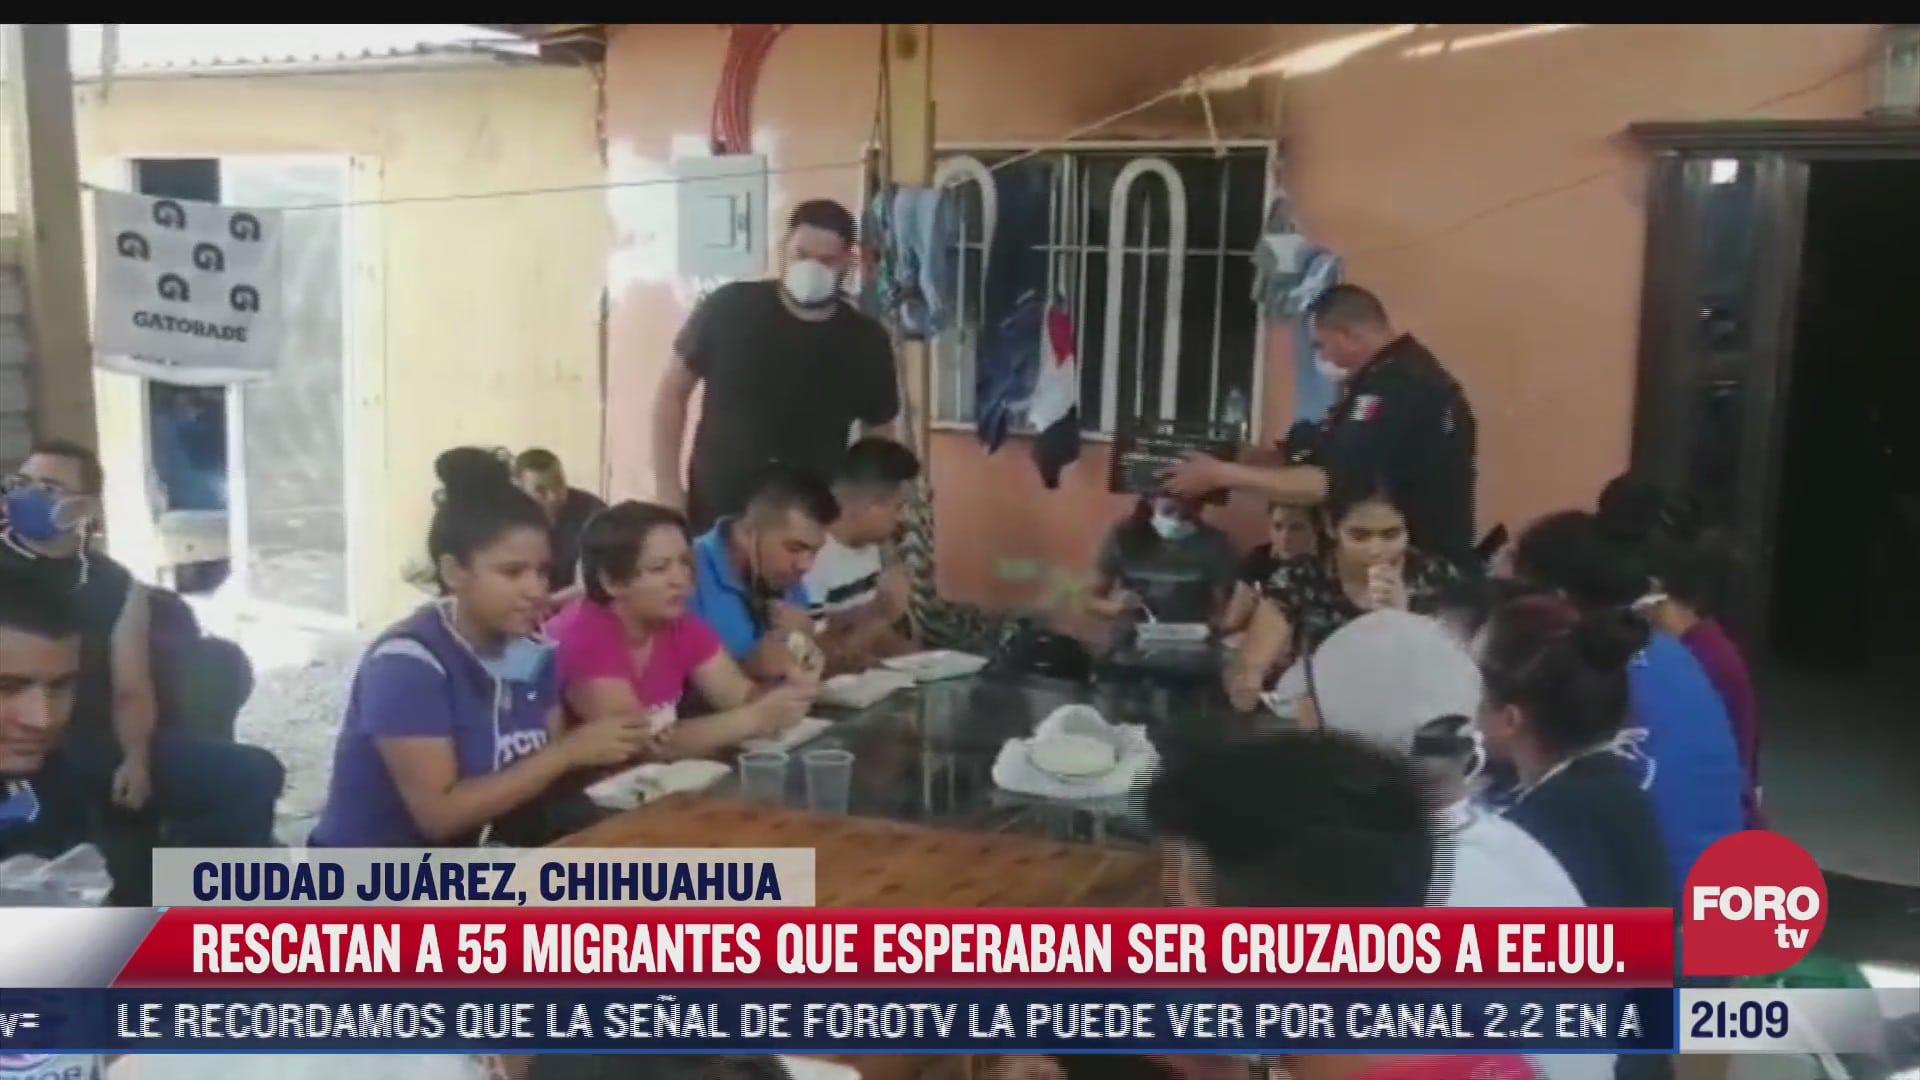 rescatan a 55 migrantes que esperaban ser cruzados a eeuu